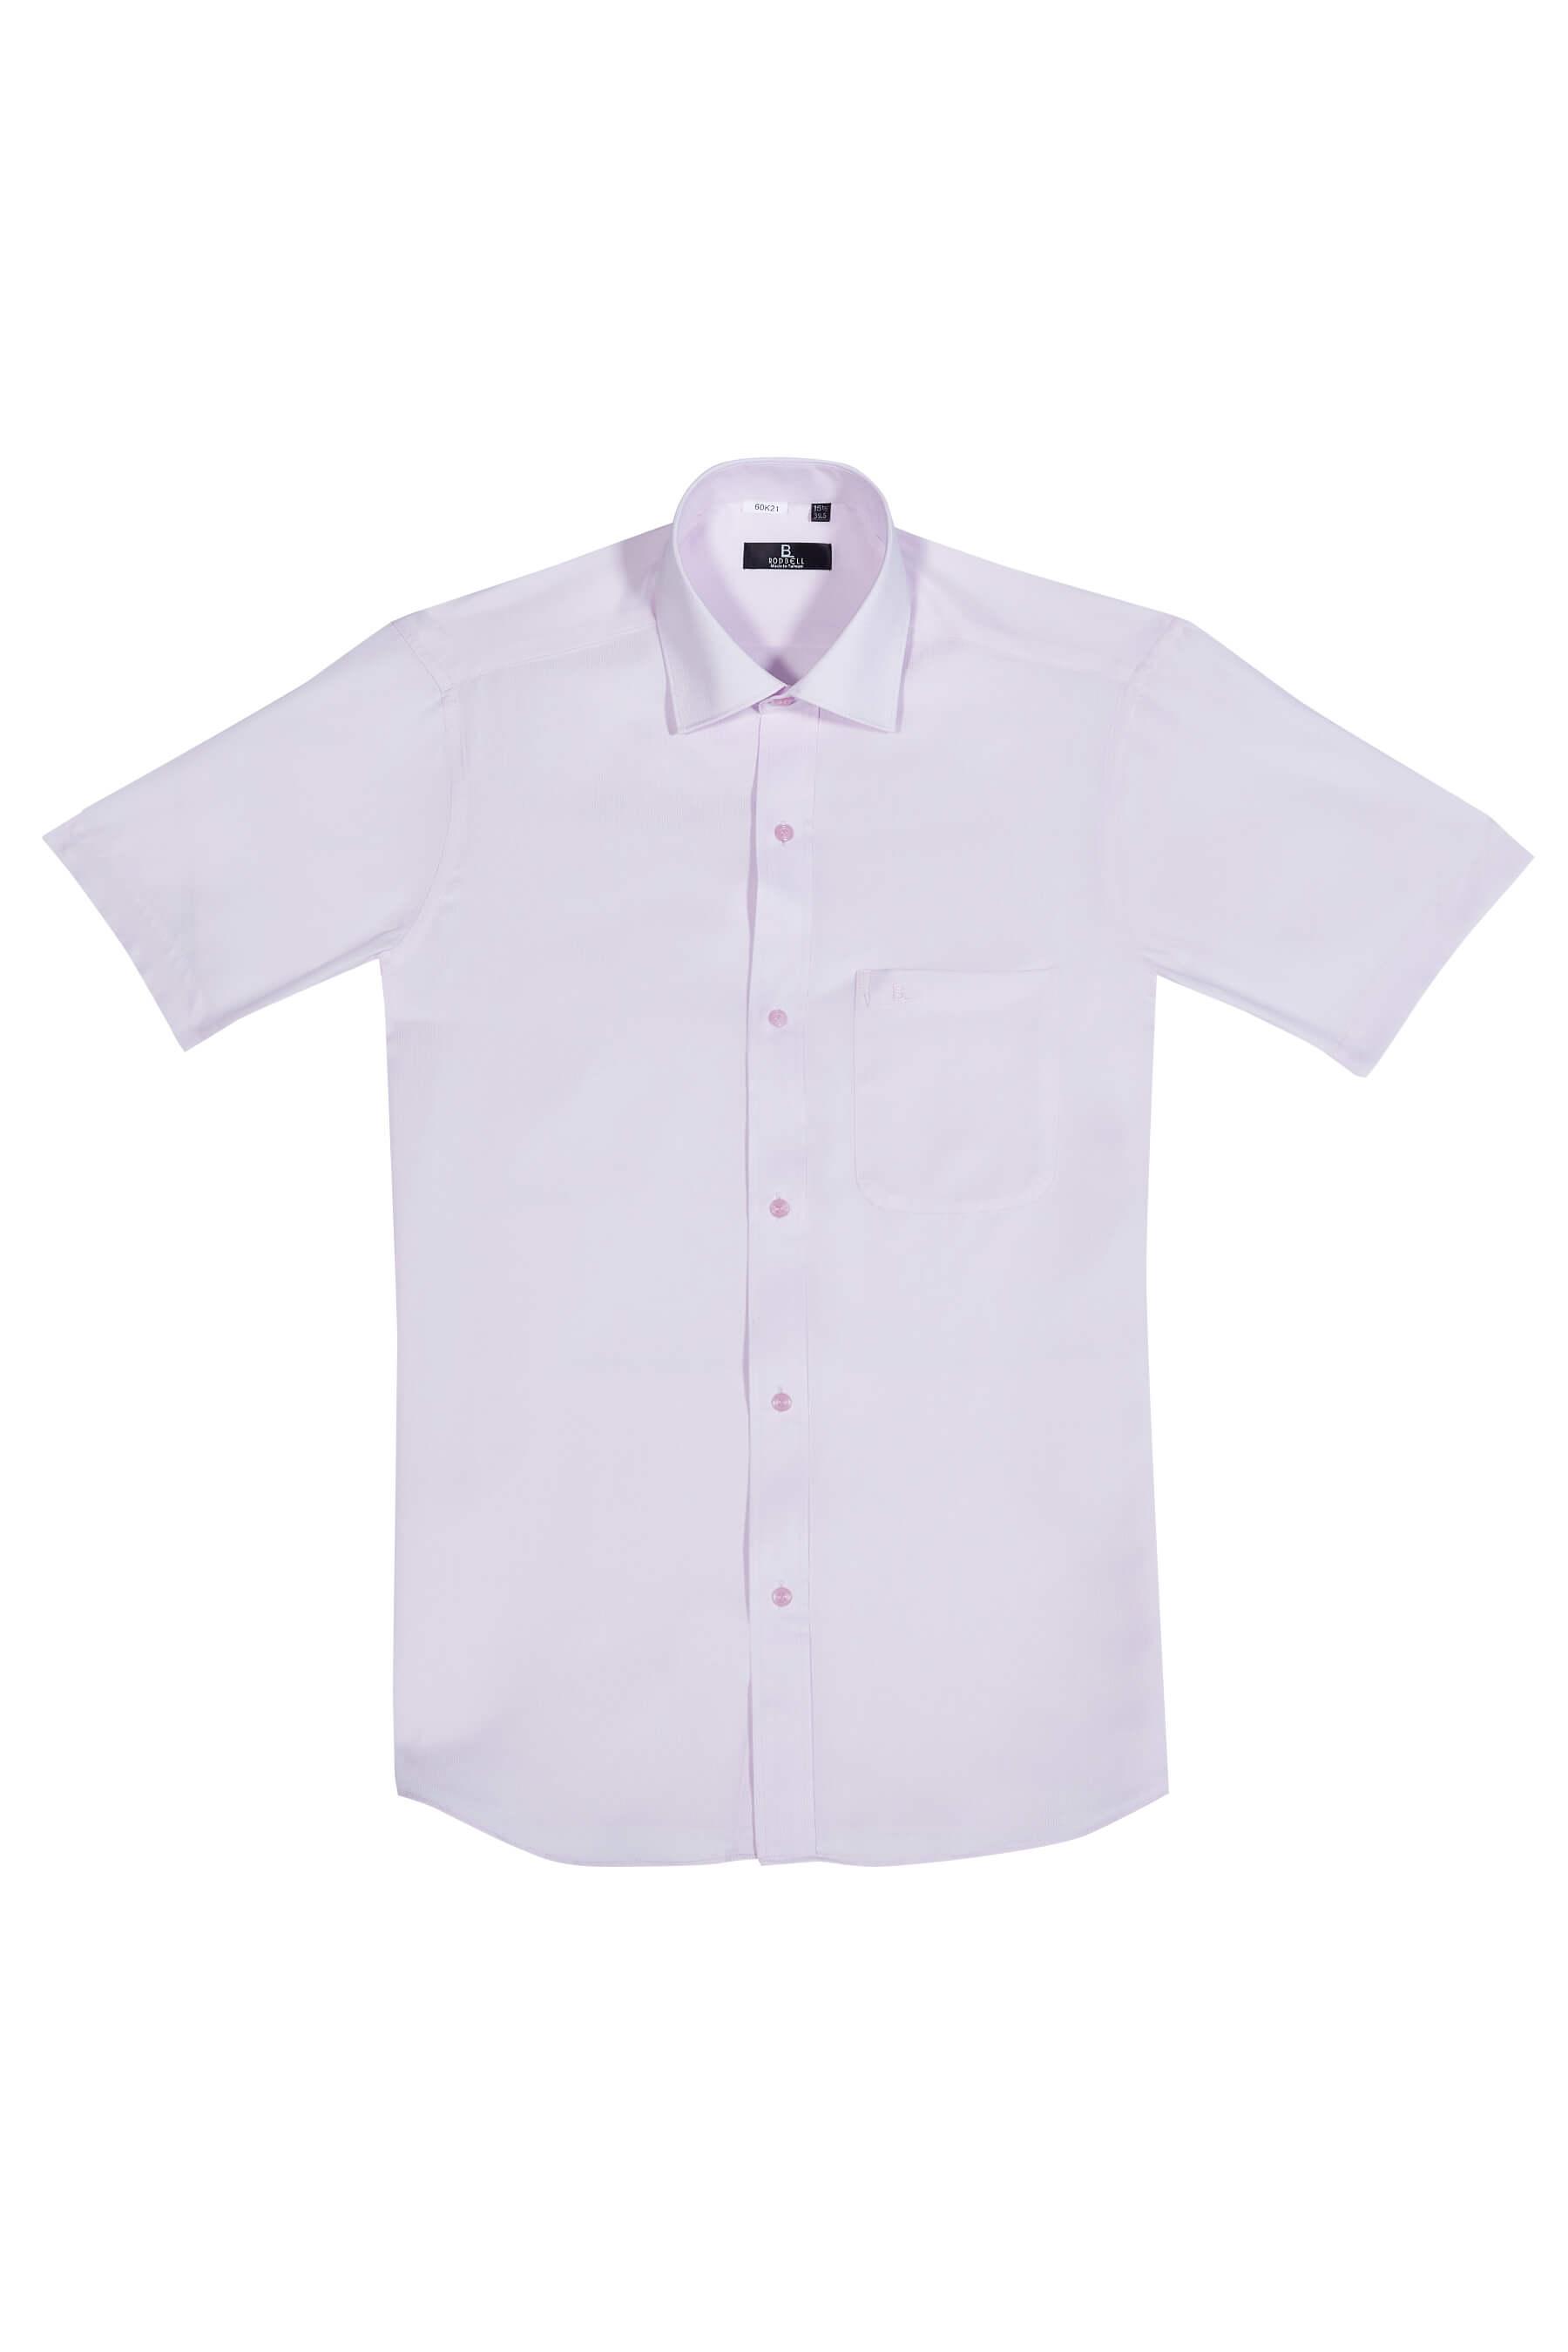 淡粉細條緹花短袖襯衫/抗皺 吸濕排汗